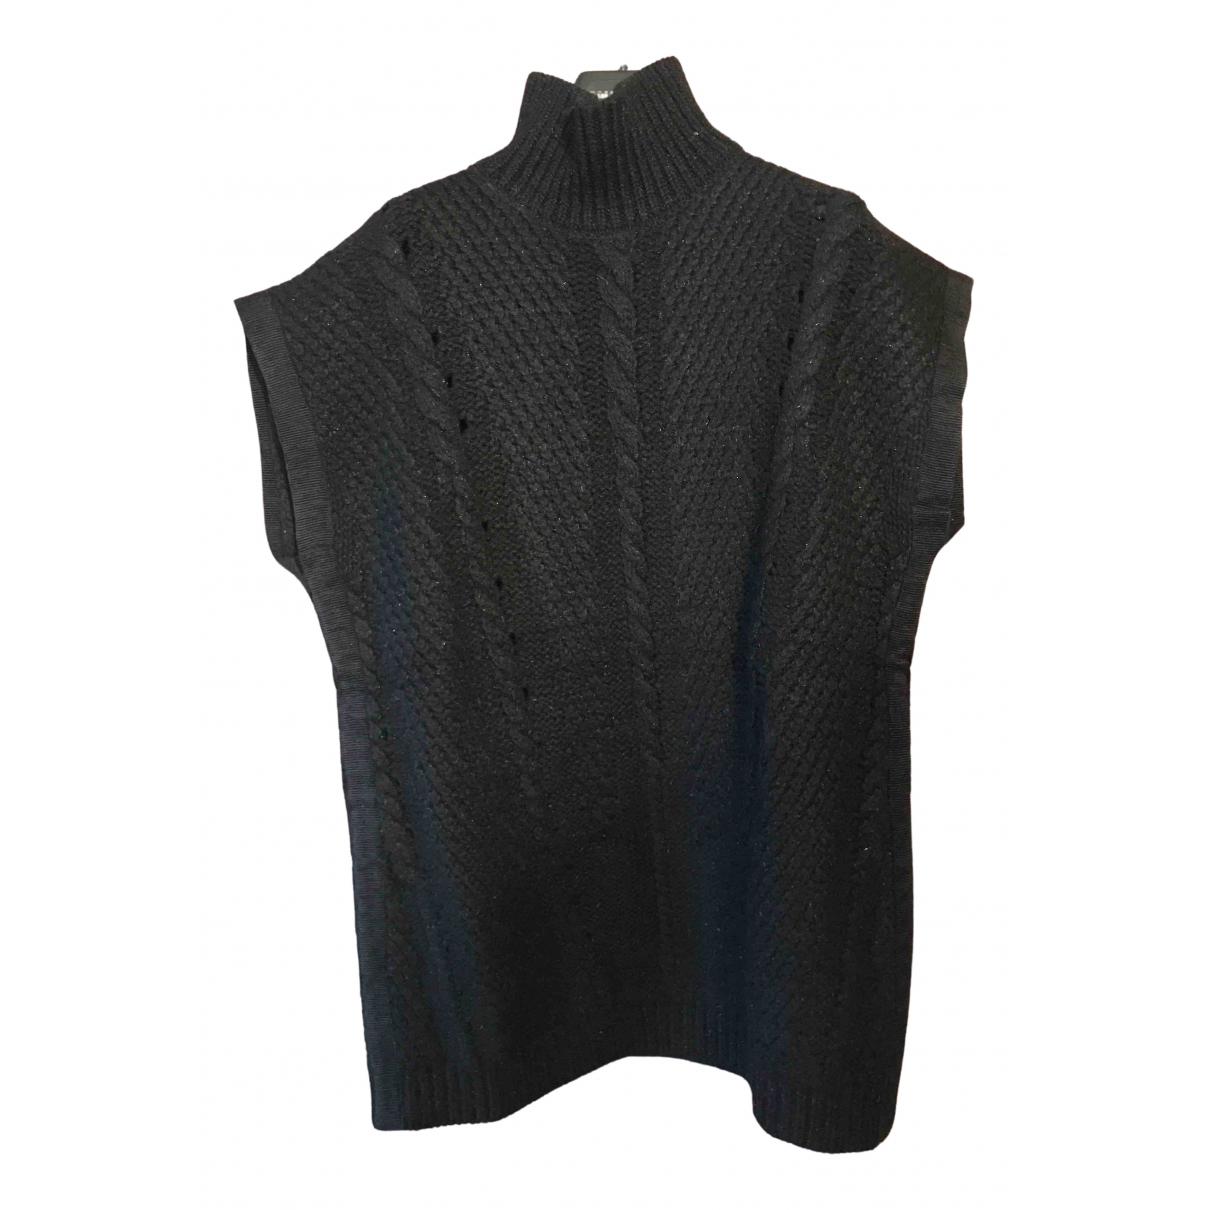 Nina Ricci - Pull   pour femme en laine - noir